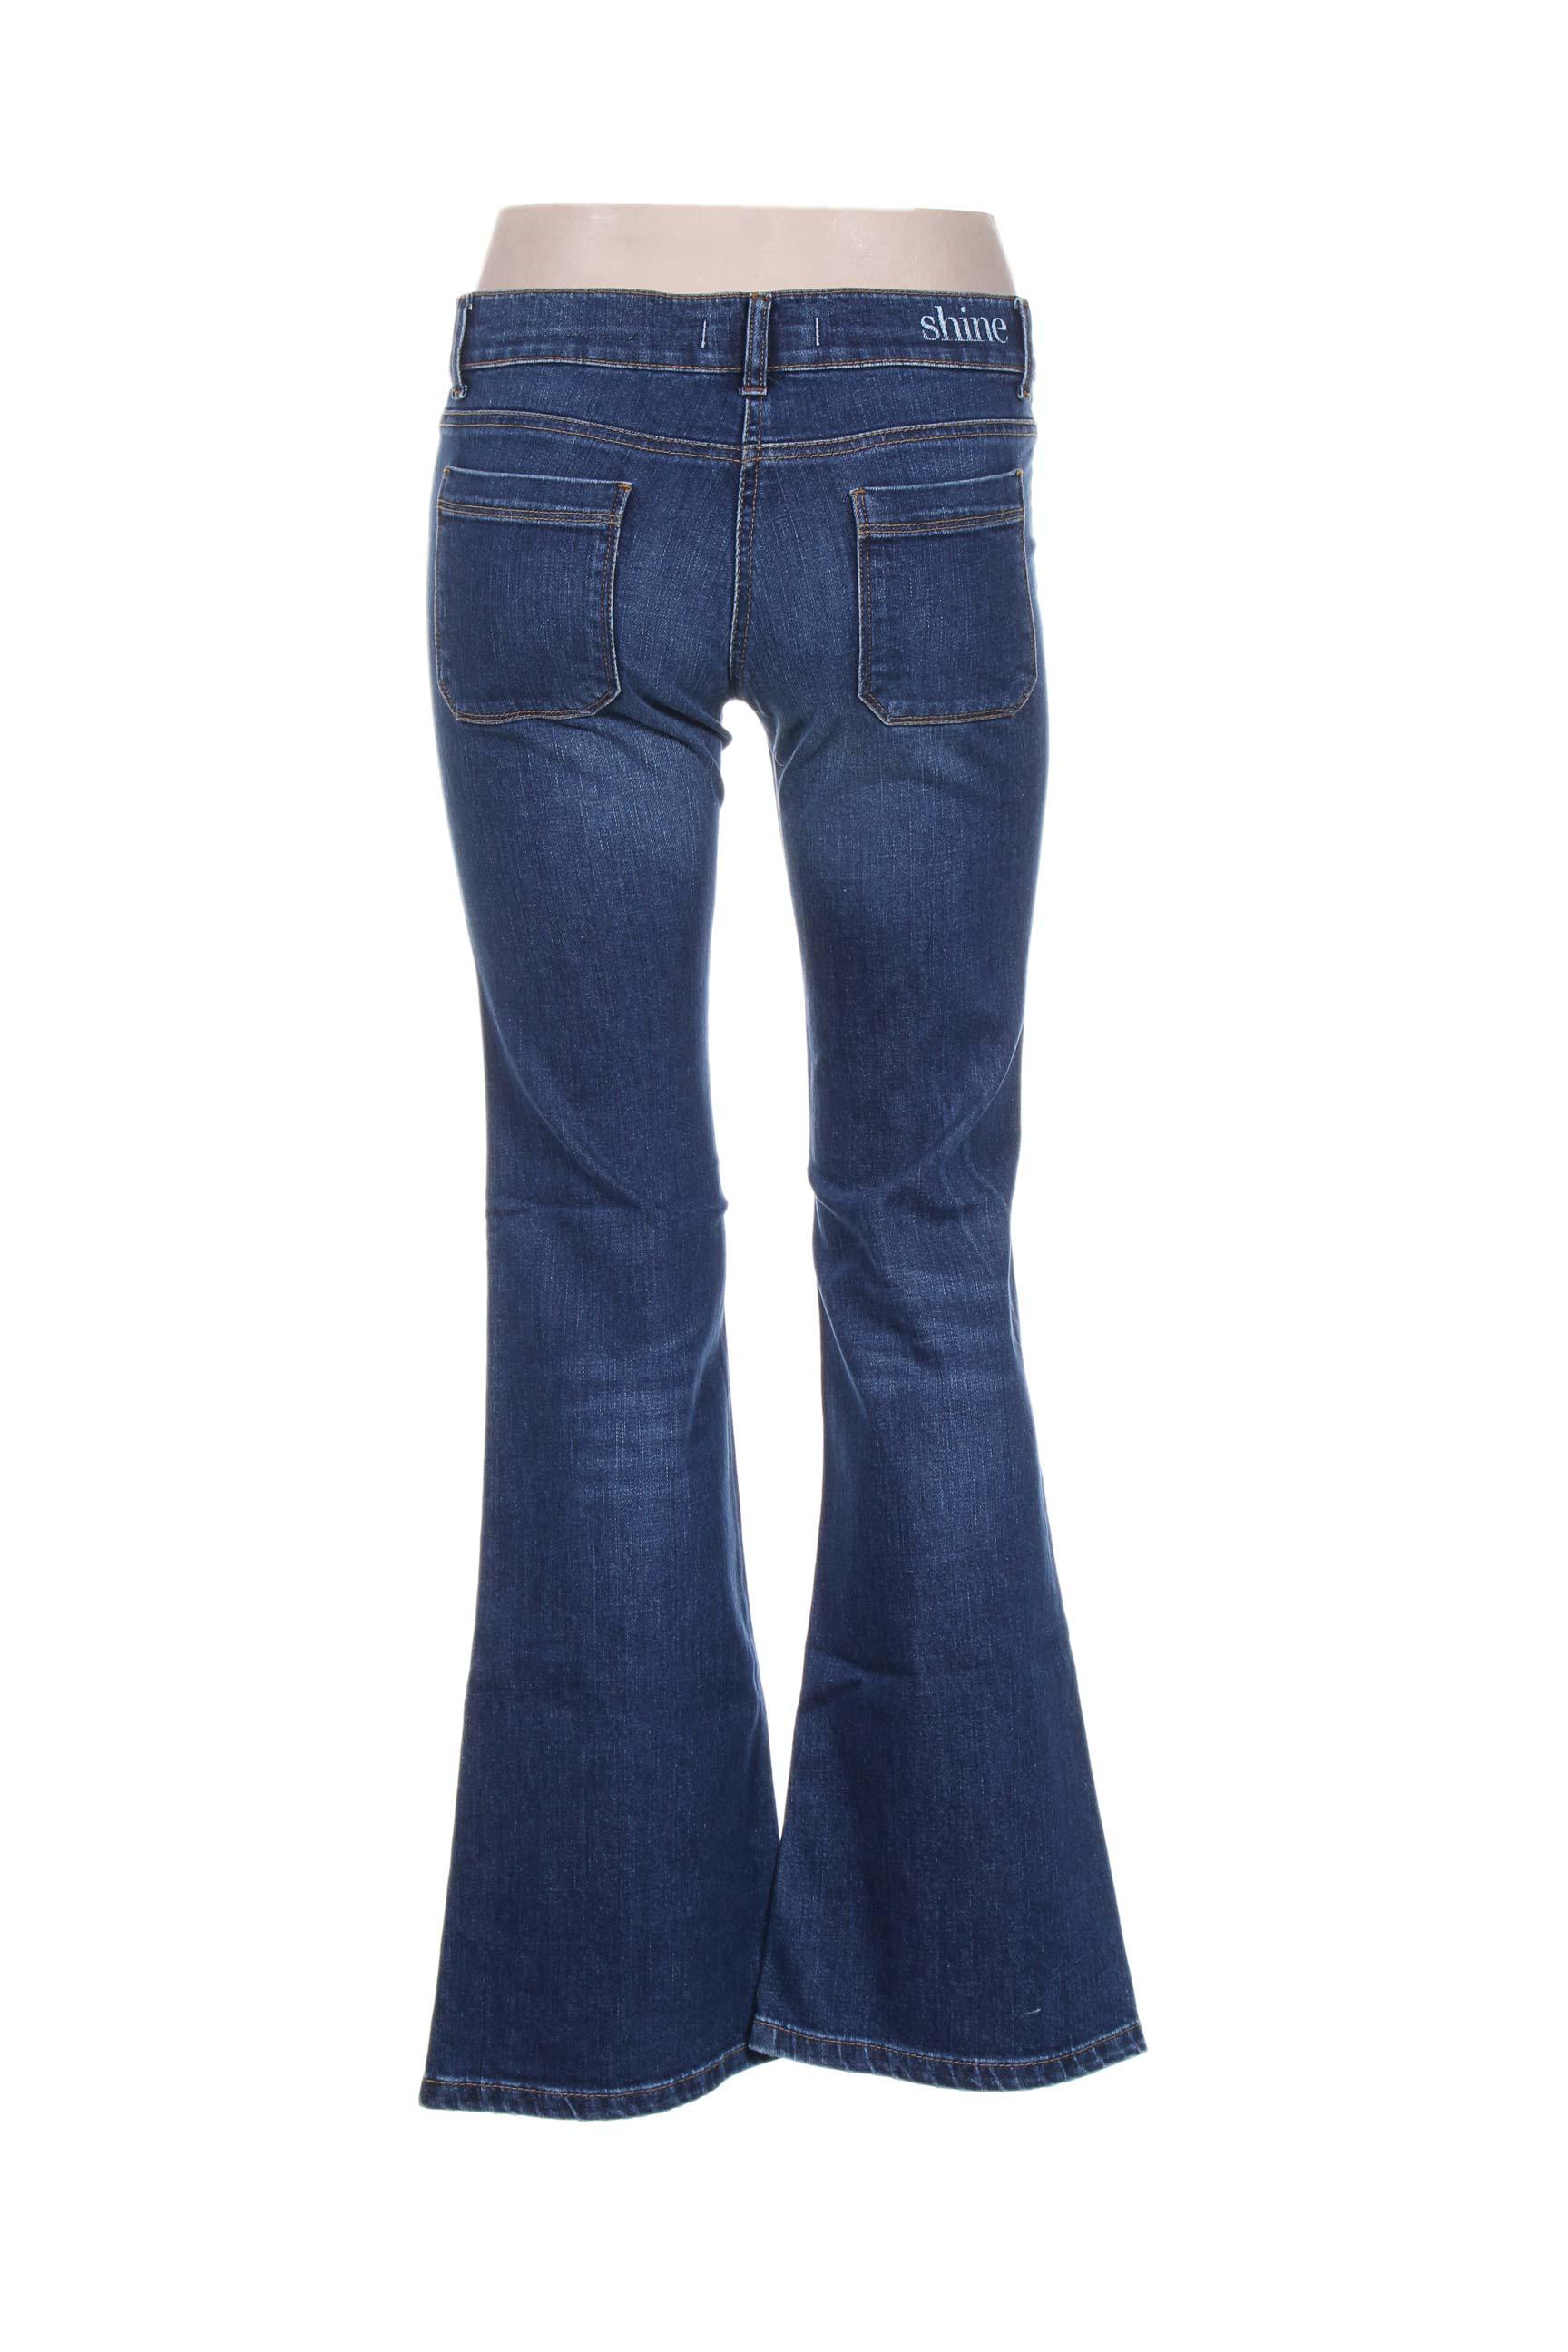 Shine Jeans Bootcut Femme De Couleur Bleu En Soldes Pas Cher 1162731-bleu00